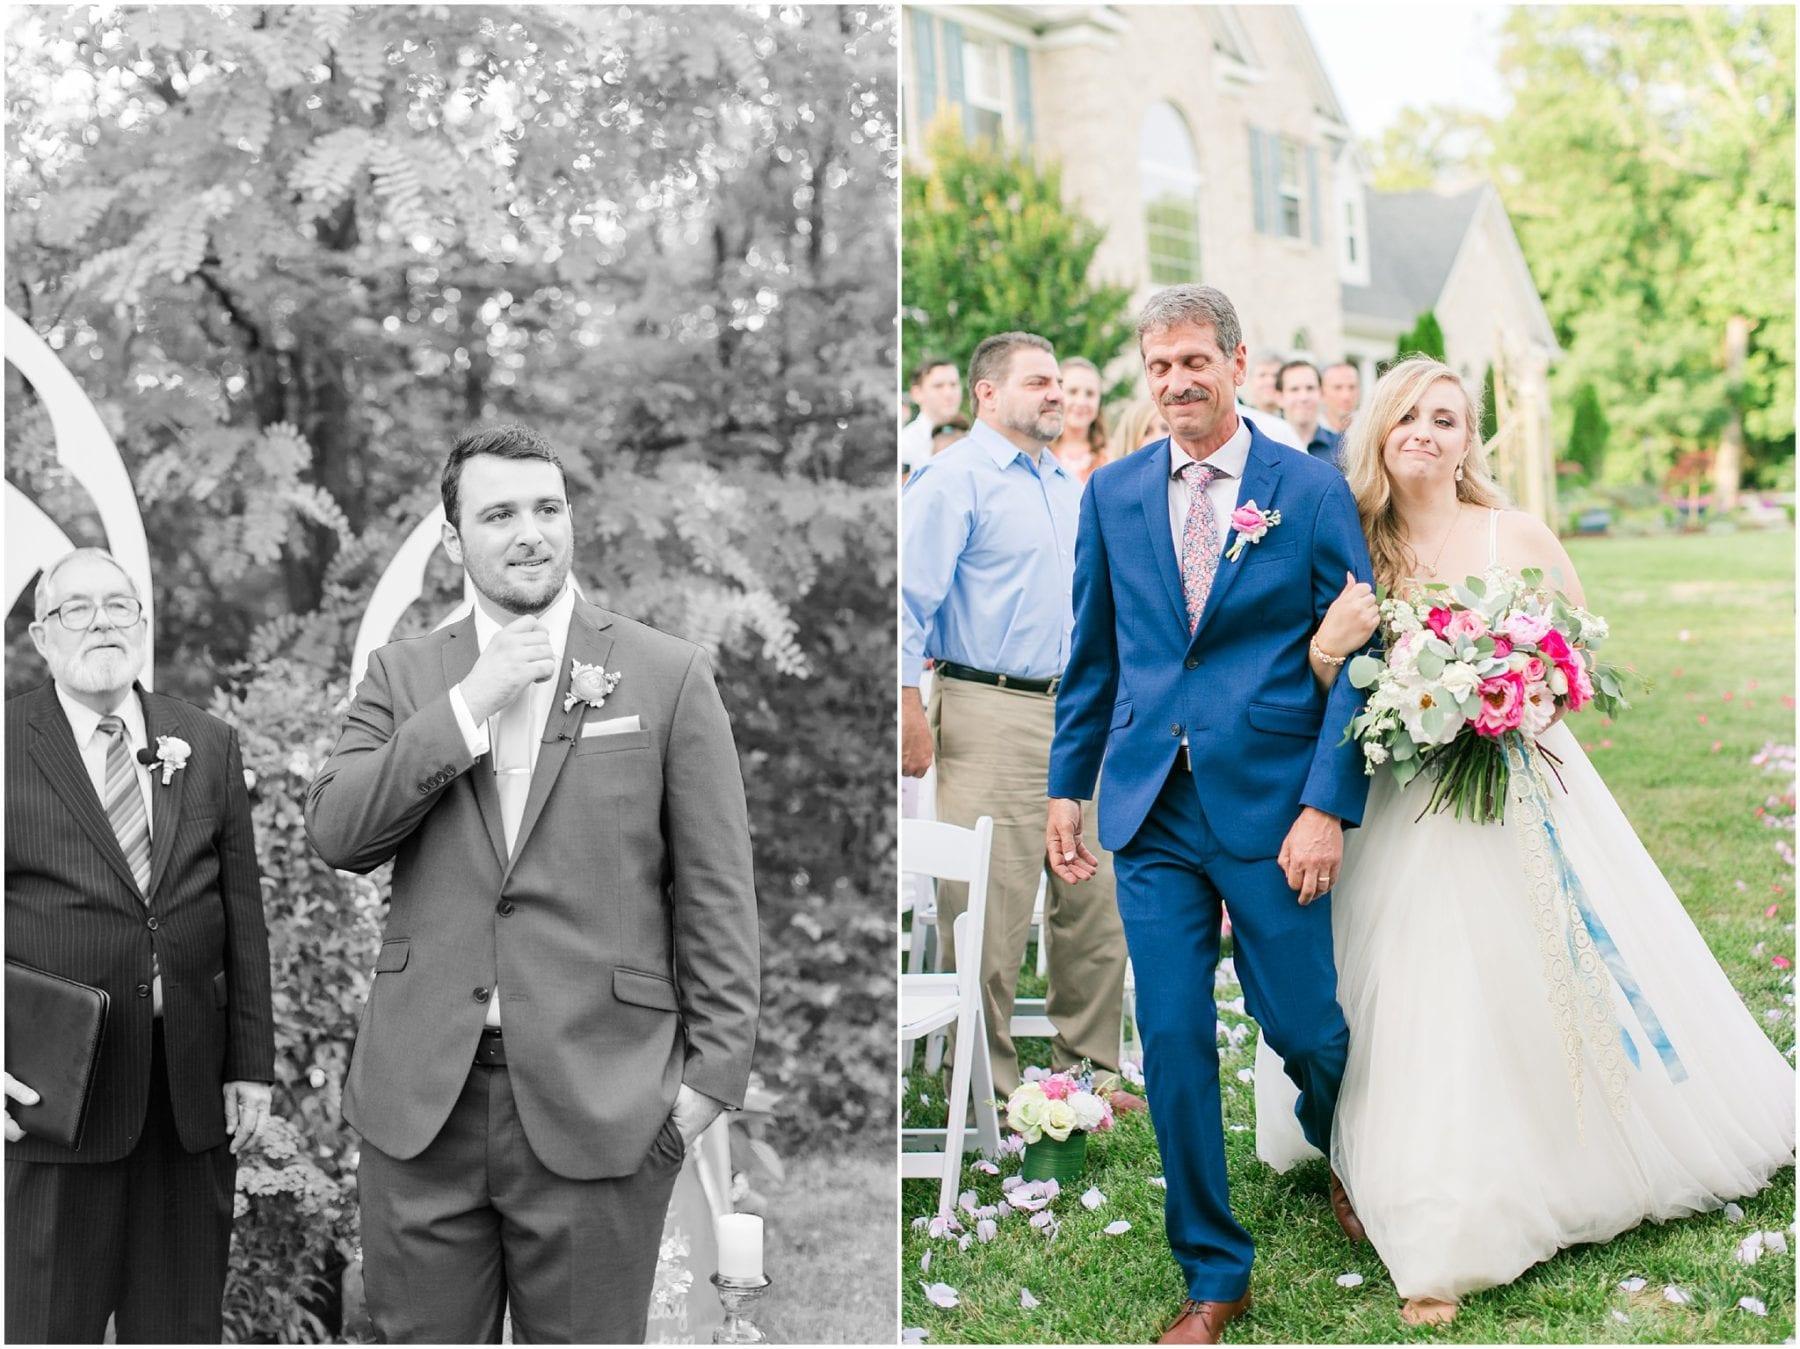 Maryland Backyard Wedding Photos Kelly & Zach Megan Kelsey Photography-225.jpg